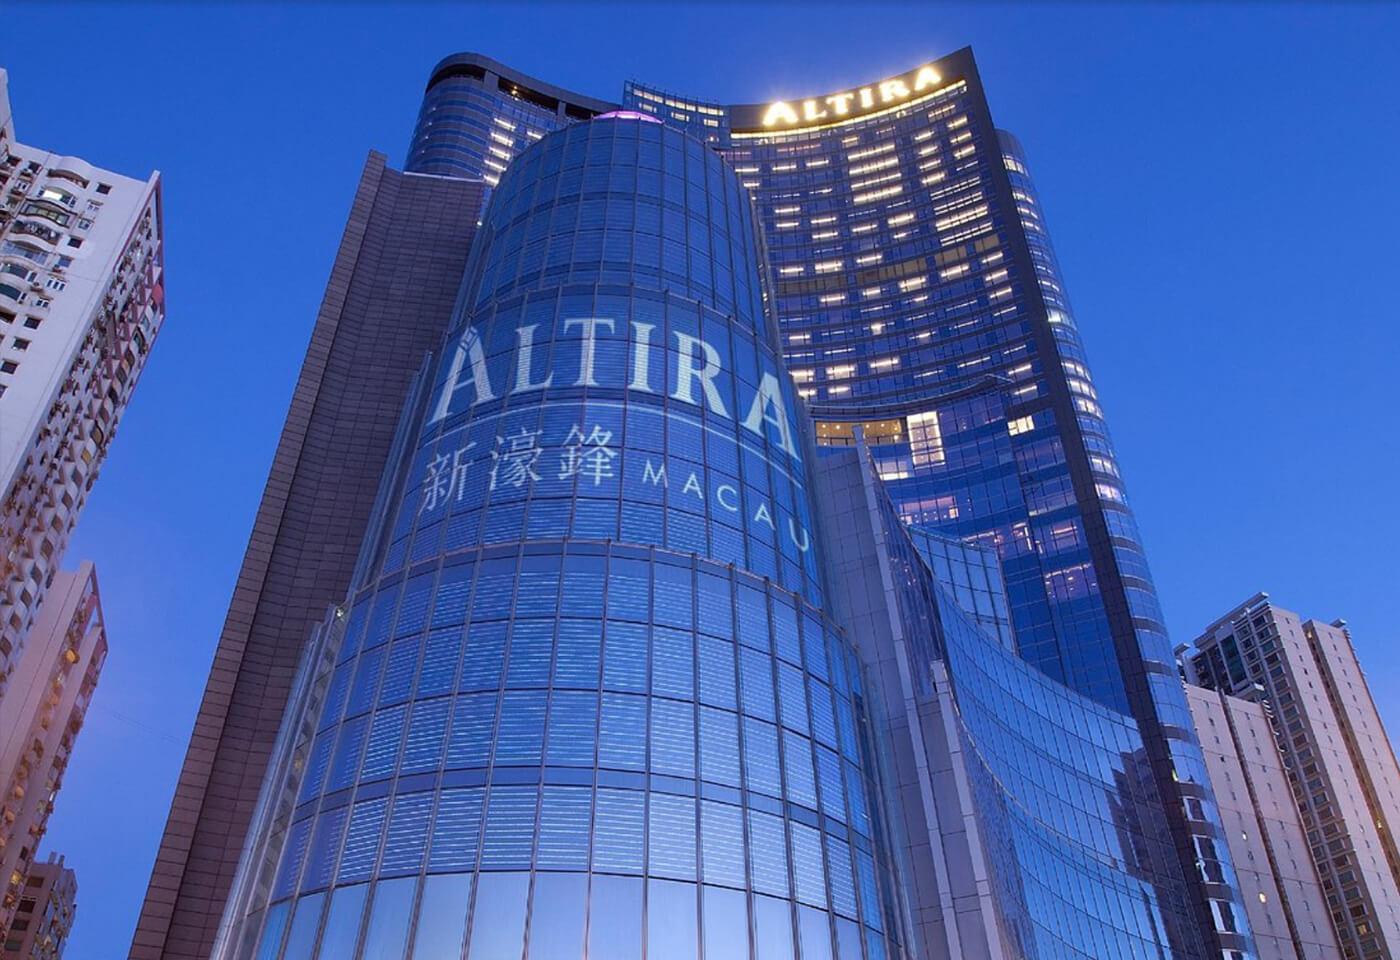 アルティラ・マカオ・ホテル